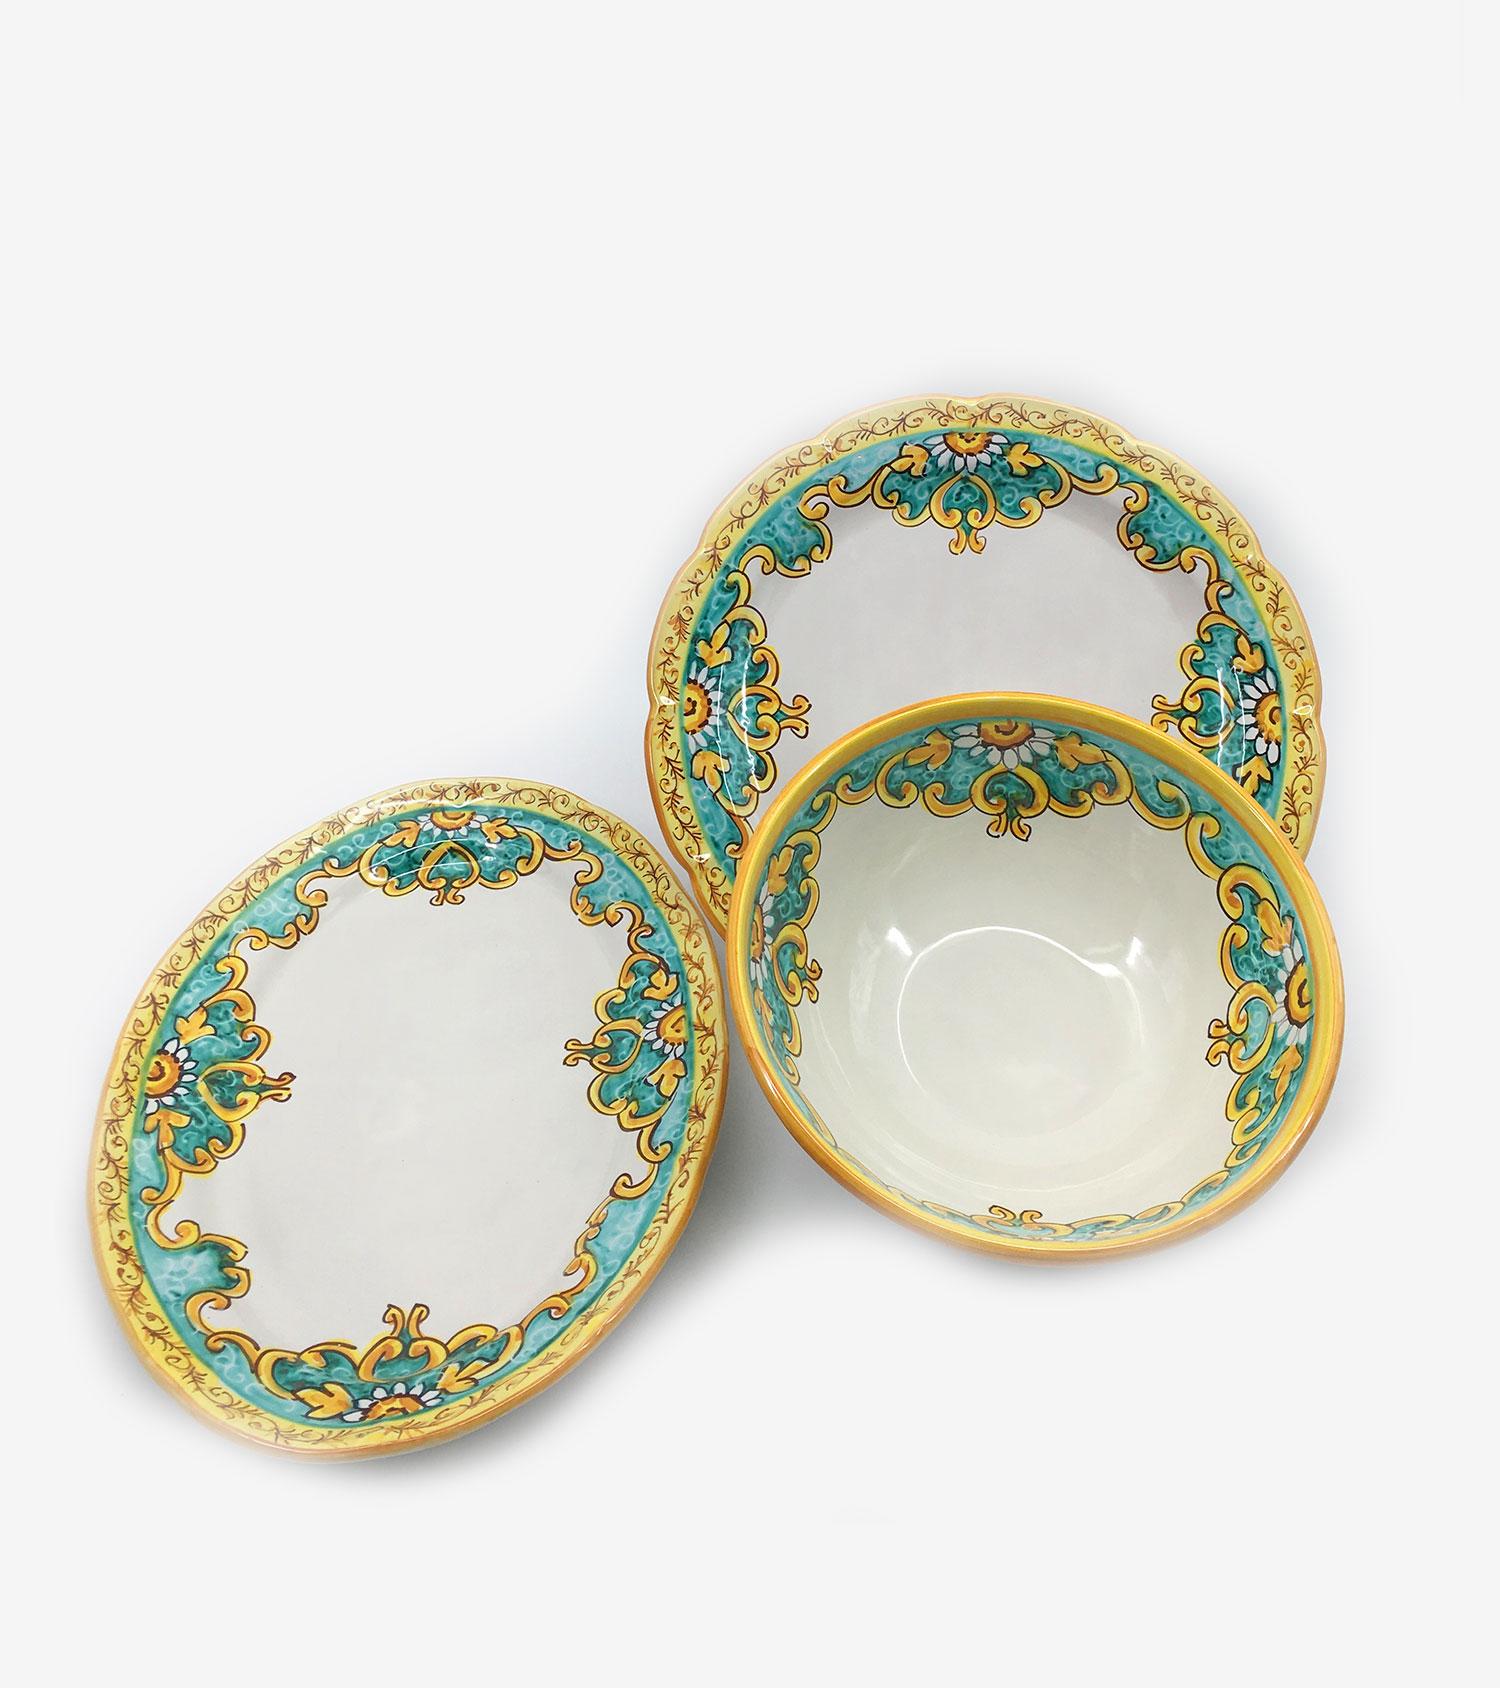 Piatti In Ceramica Prezzi.Ceramiche Vietri Avossa Piatti Vietresi Da Portata Per Set Piatti